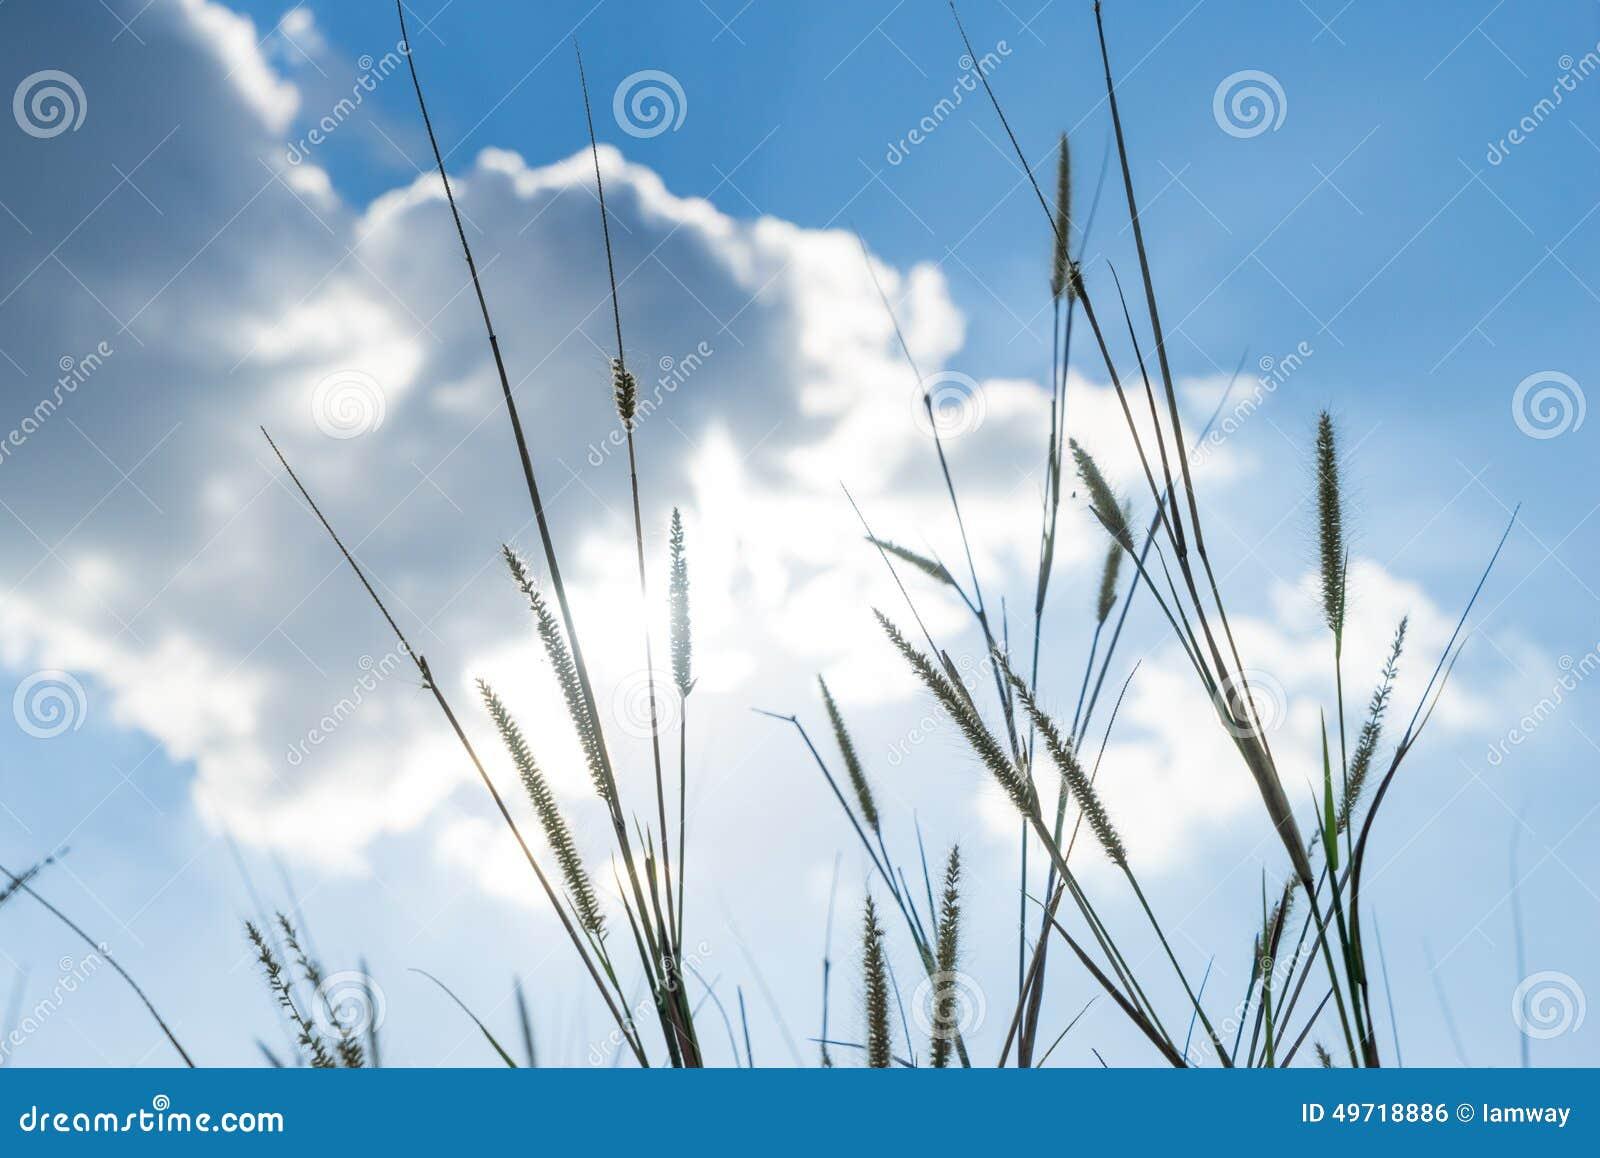 Lemmagras dat licht van zon die erachter met heldere blauwe sk glanzen